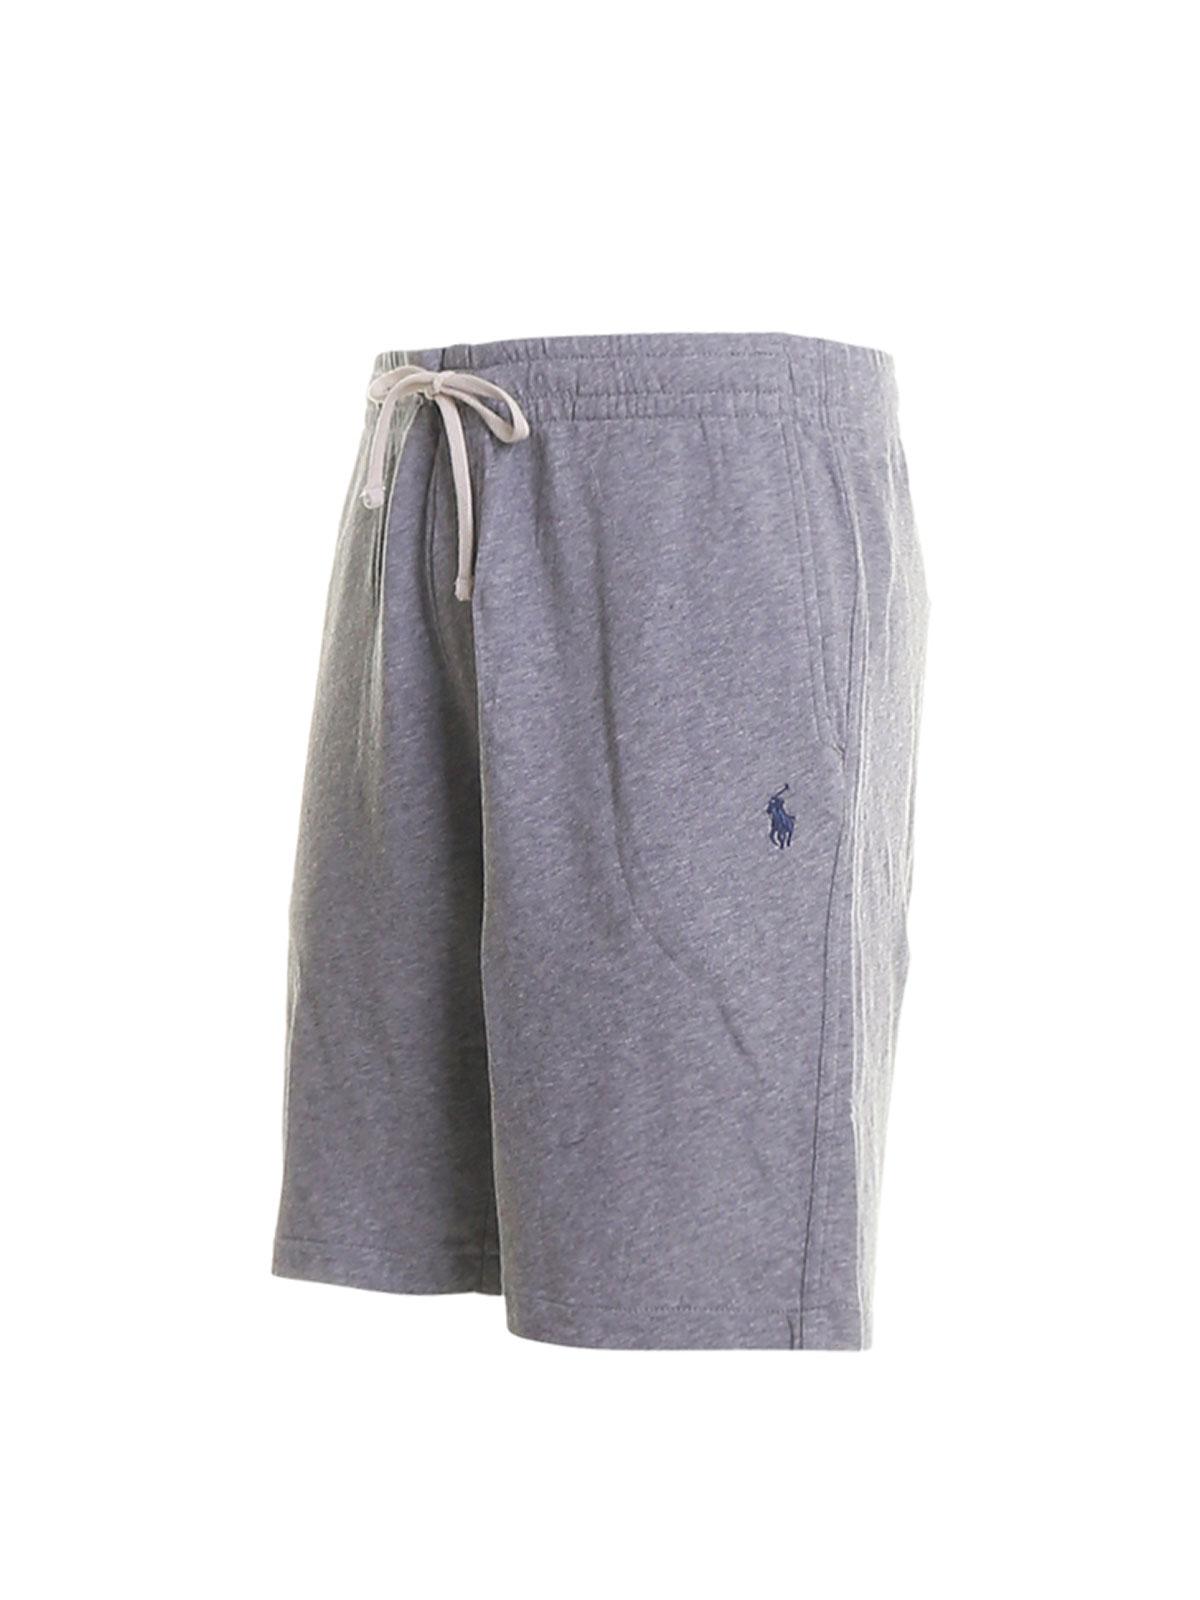 Picture of POLO RALPH LAUREN | Men's Cotton Shorts